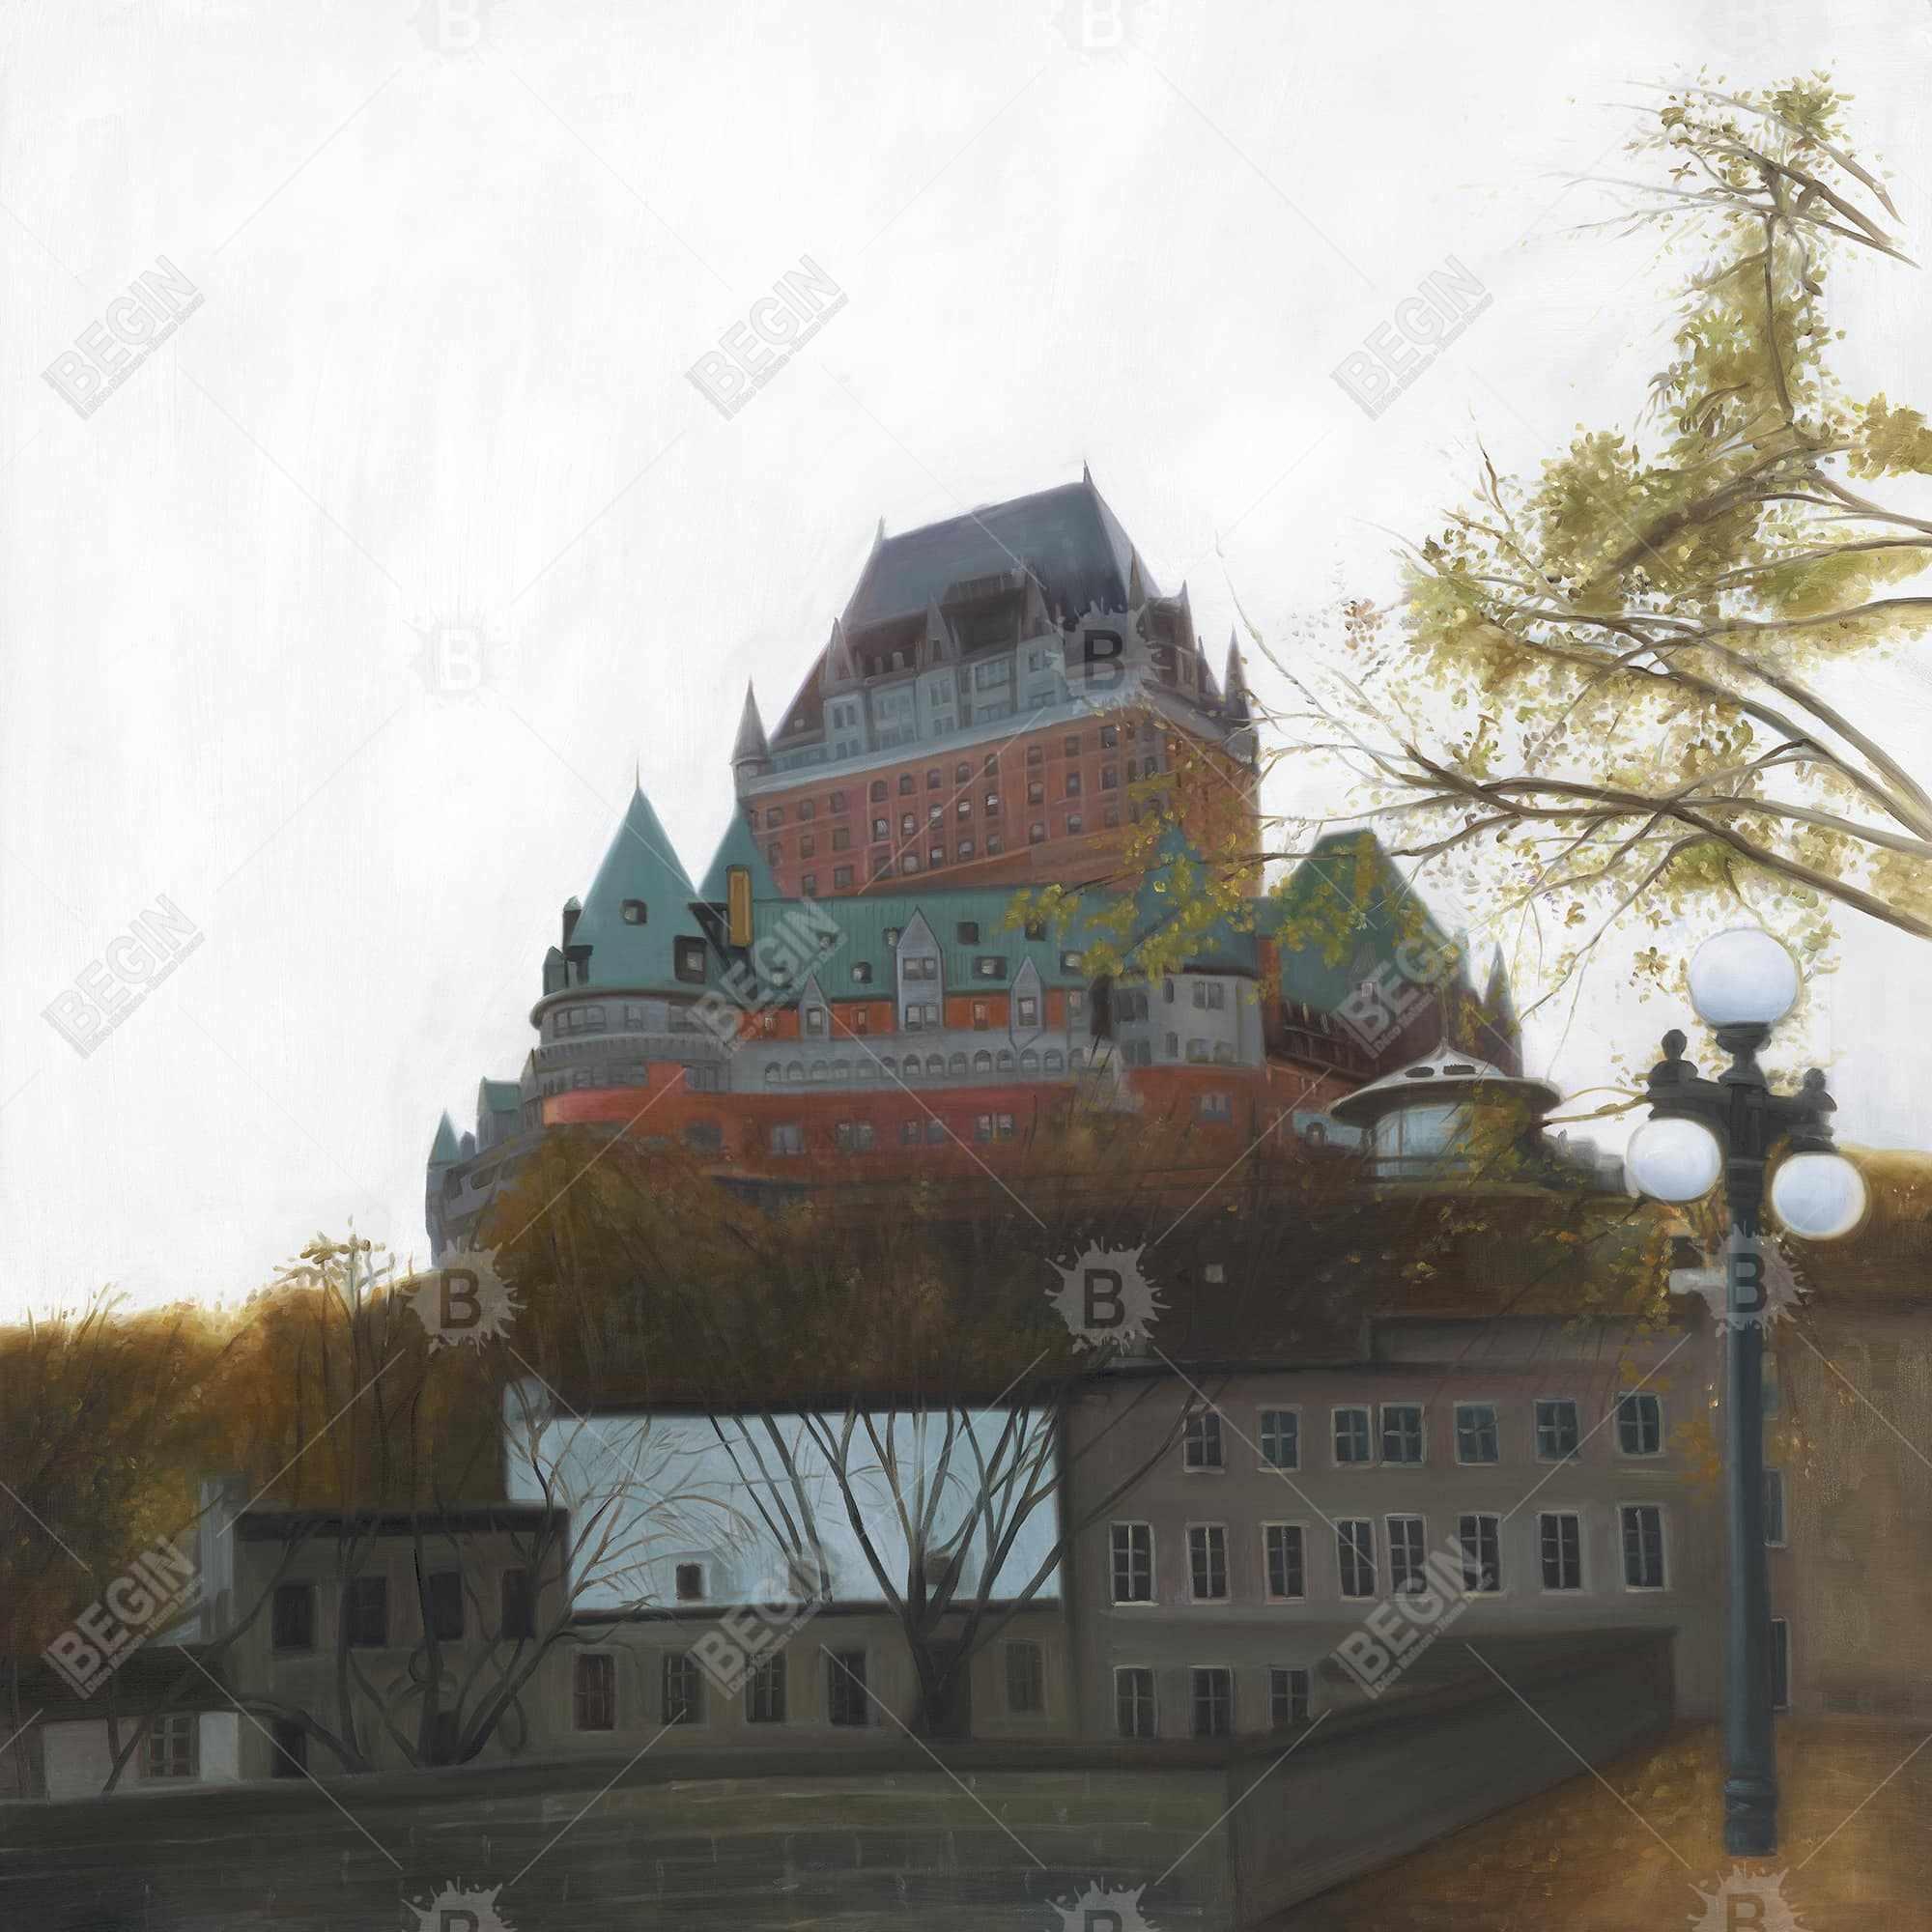 Le château de frontenac in autumn